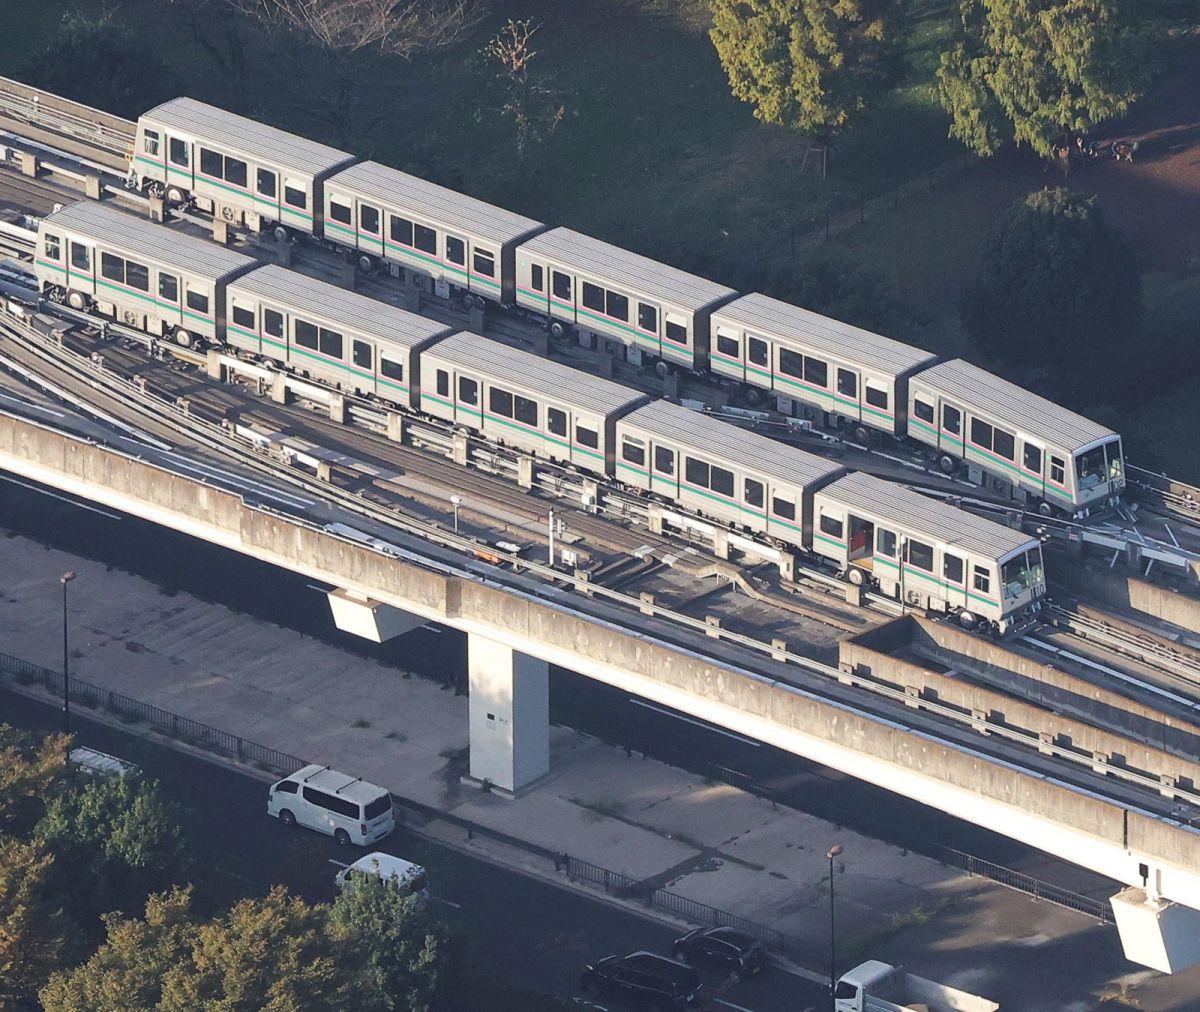 ▲東京都的日暮里—舍人線電車,在地震發生時,因緊急煞停而出軌。(圖/美聯社/達志影像)